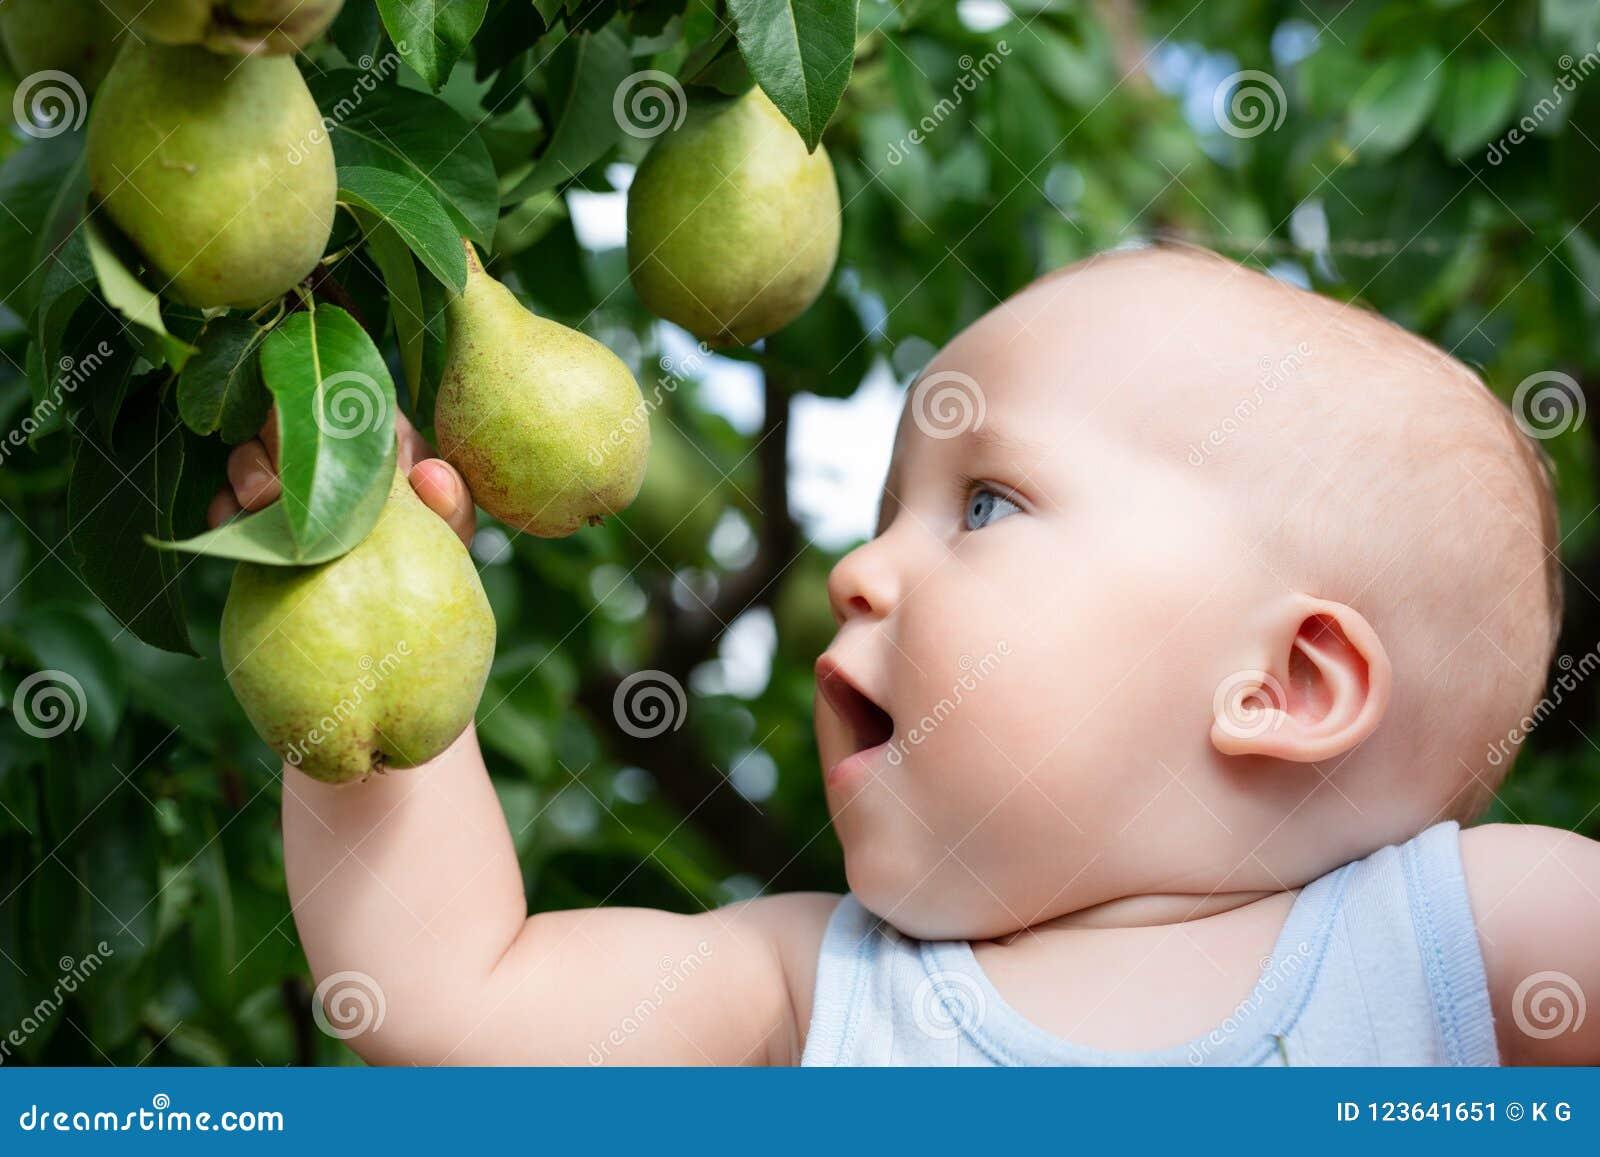 Dziecko bierze dojrzałe bonkrety przy sadem w jesieni Chłopiec chce jeść słodką owoc od drzewa w ogródzie przy spadku żniwem